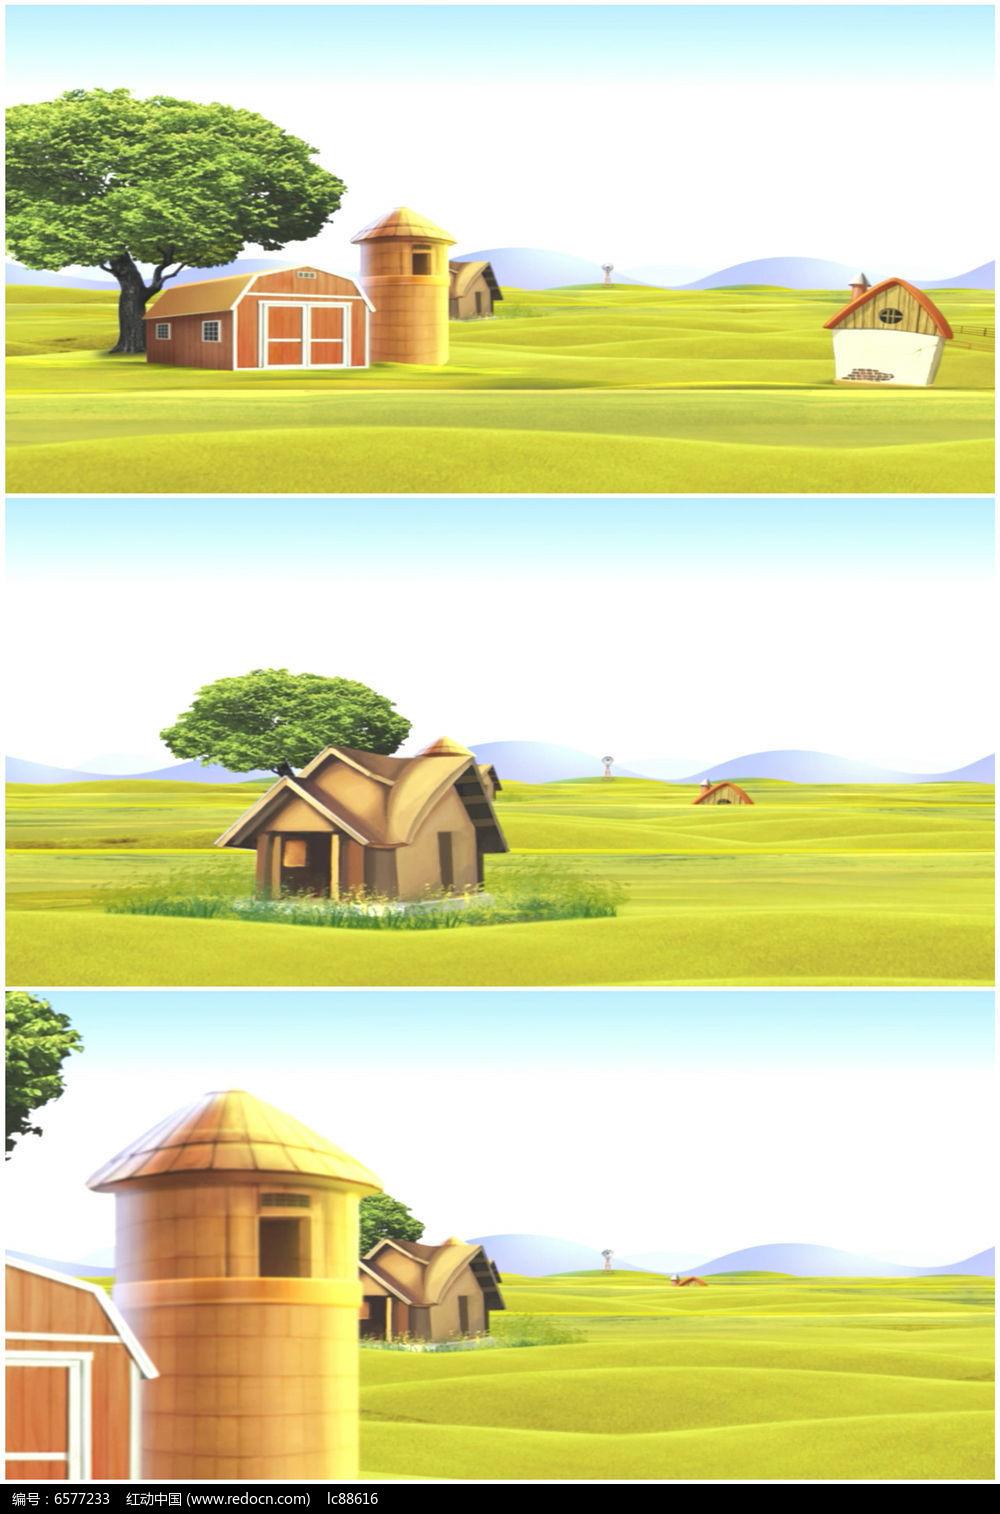 您当前访问作品主题是卡通农场乡村田园风光高清视频素材,编号是图片